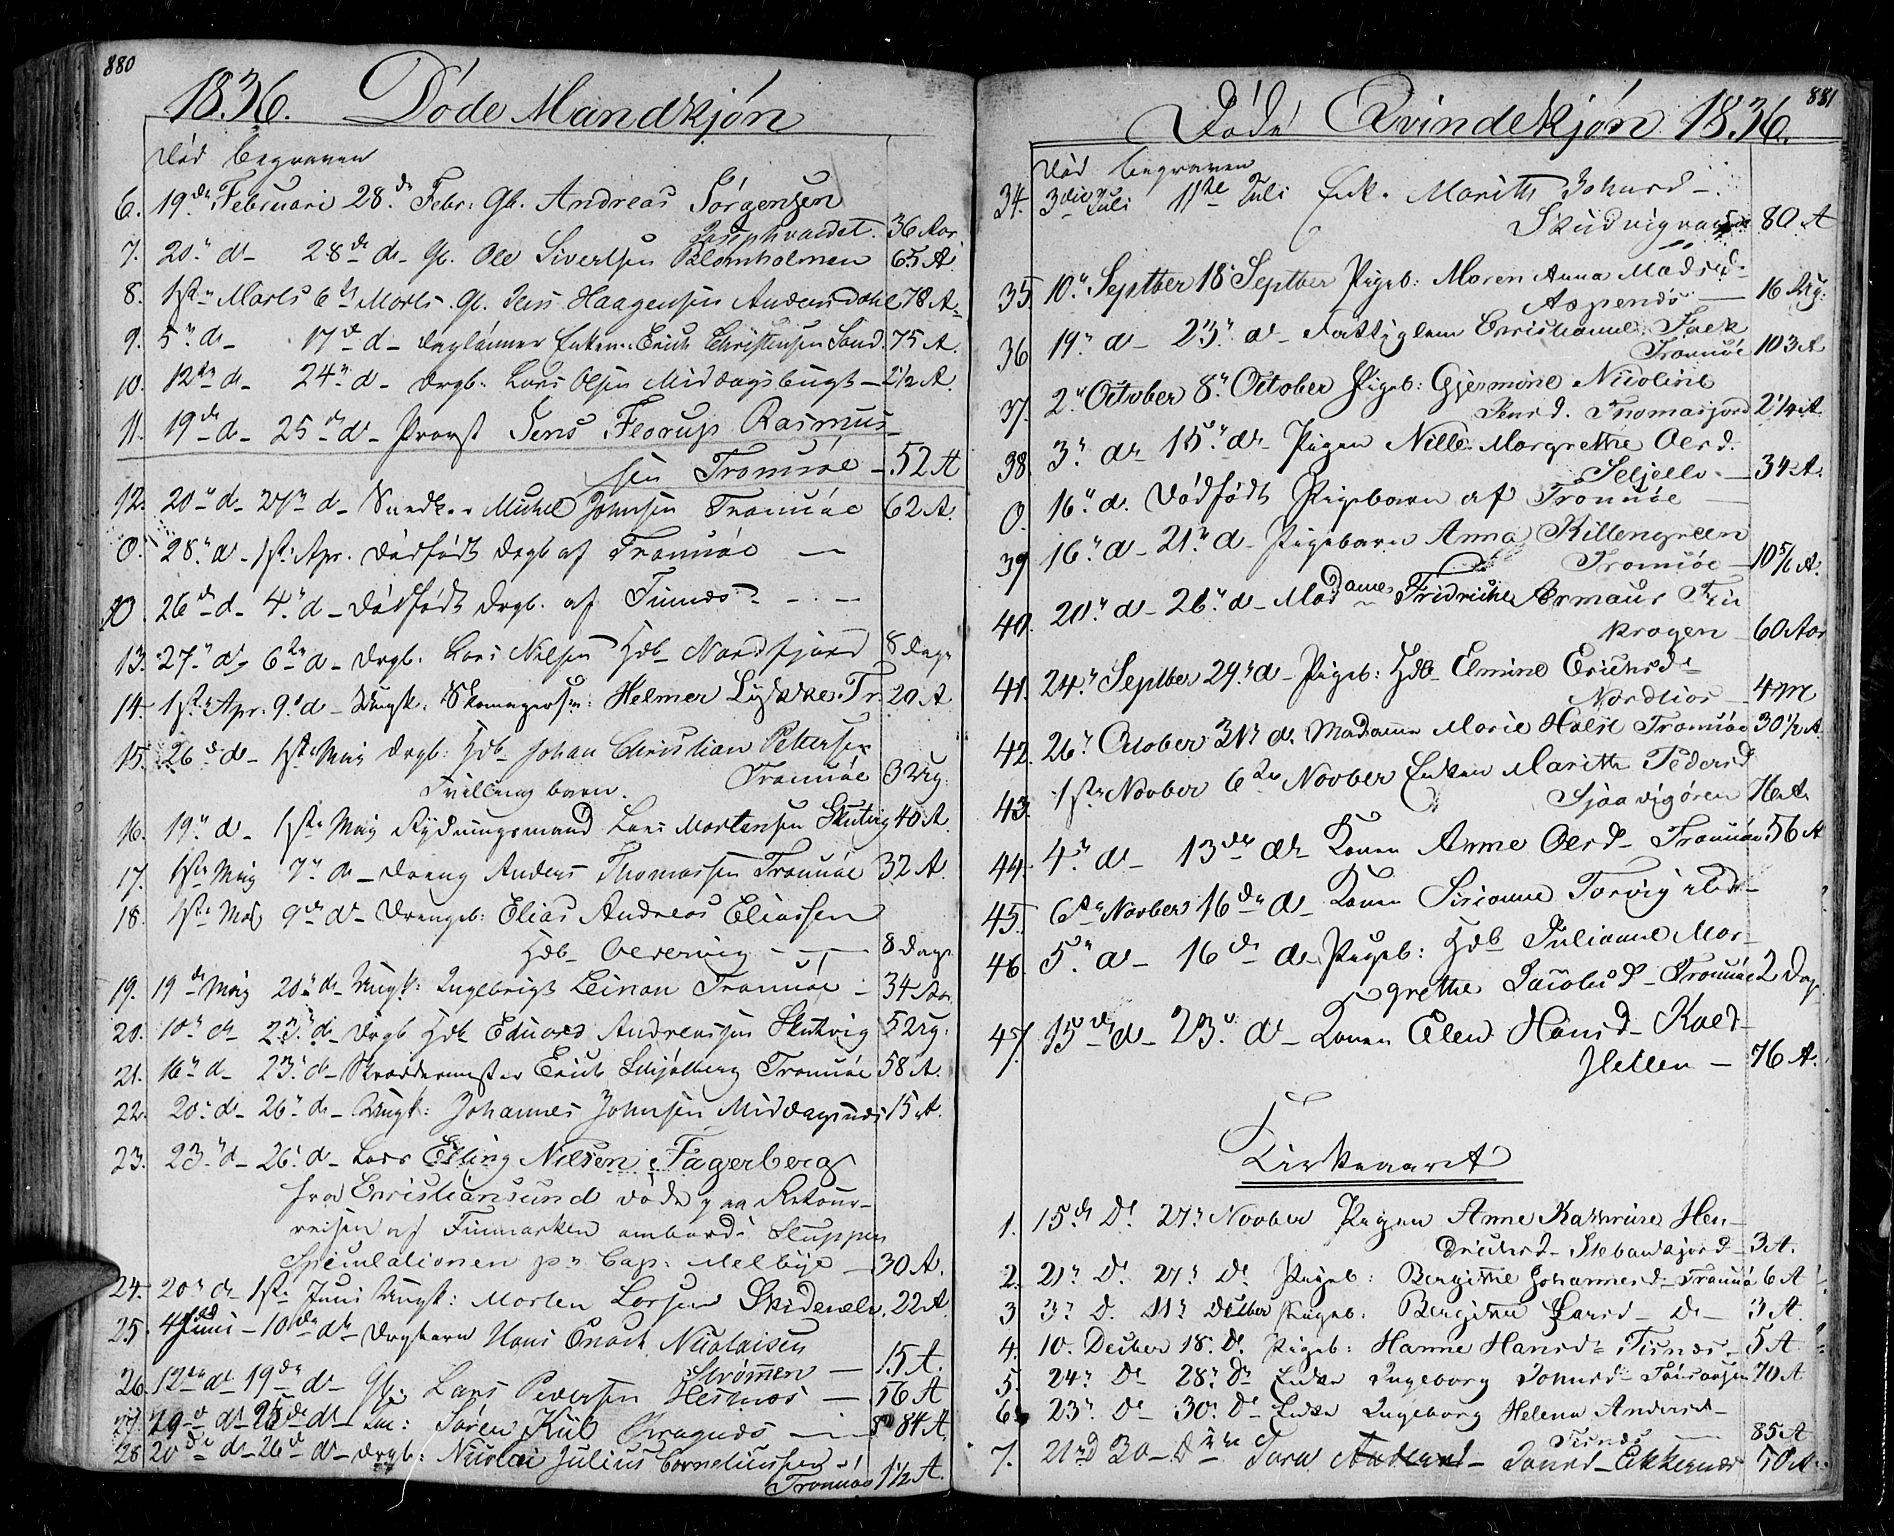 SATØ, Tromsø sokneprestkontor/stiftsprosti/domprosti, G/Ga/L0008kirke: Ministerialbok nr. 8, 1829-1837, s. 880-881